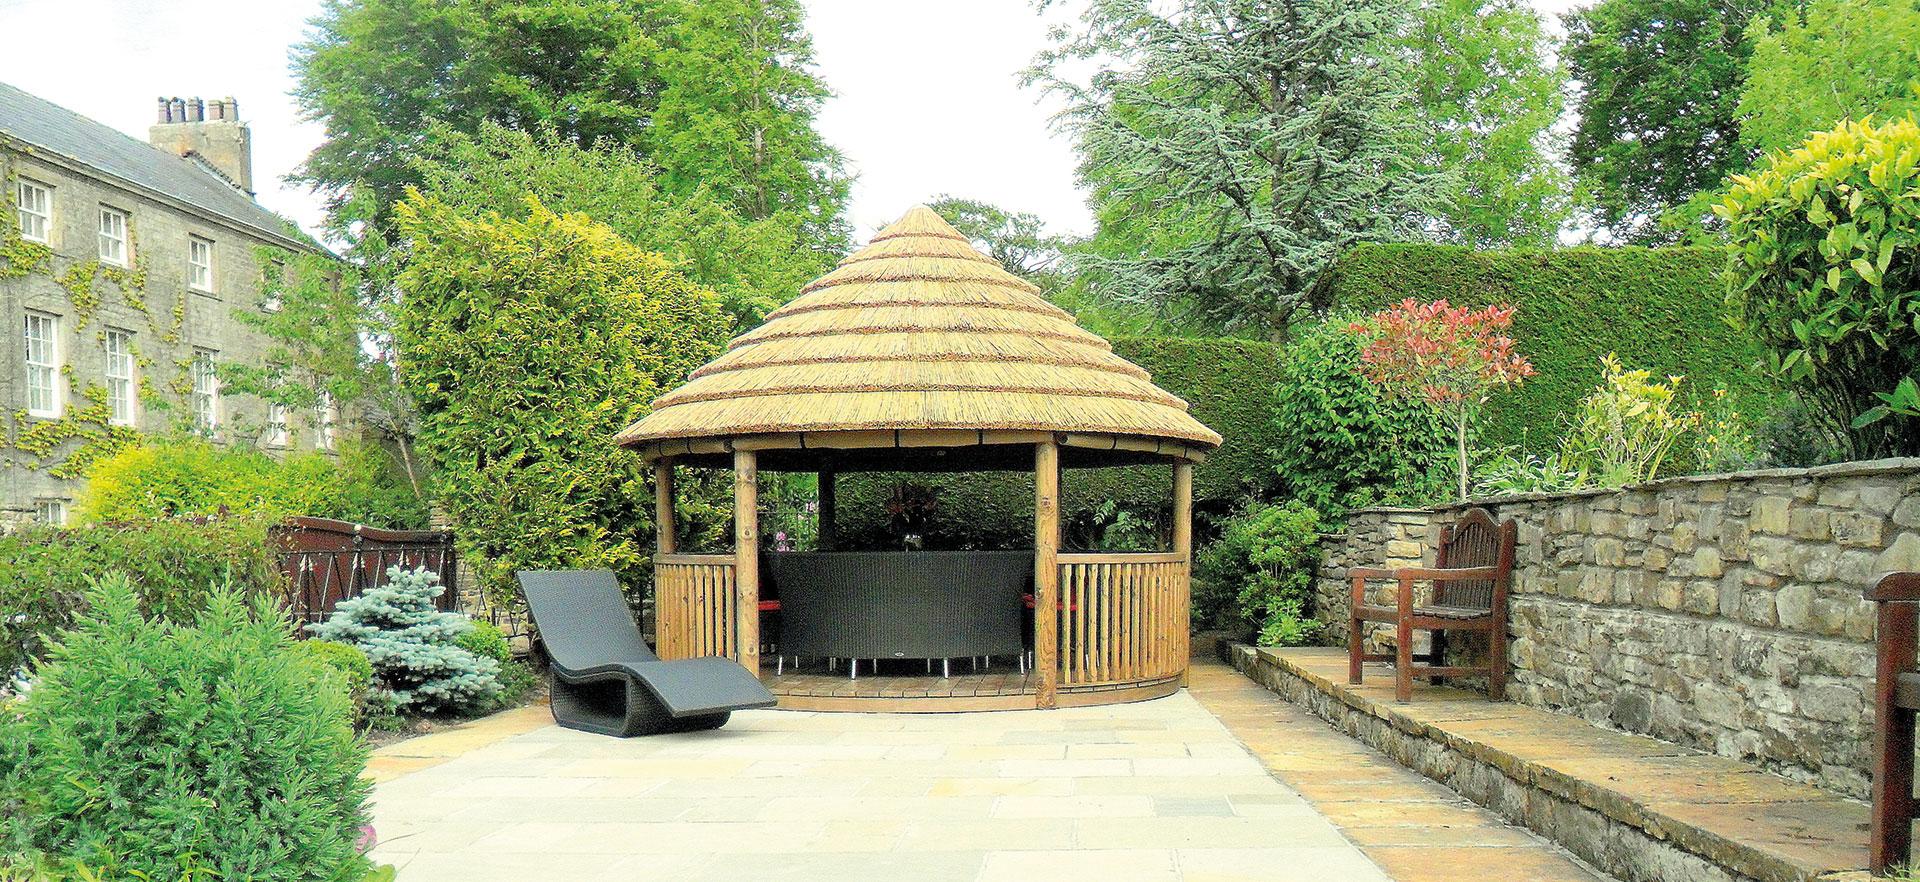 4 metre luxury gazebo at the end of a garden patio